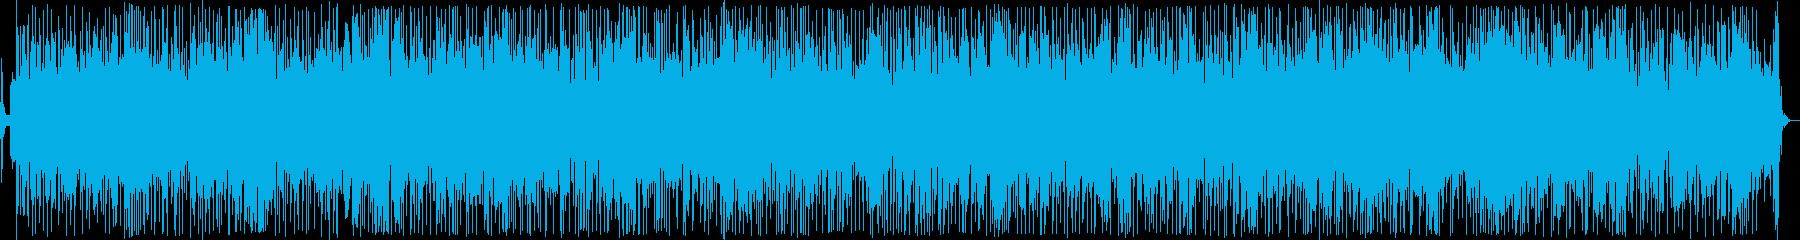 活気あるインフォメーションミュージックの再生済みの波形